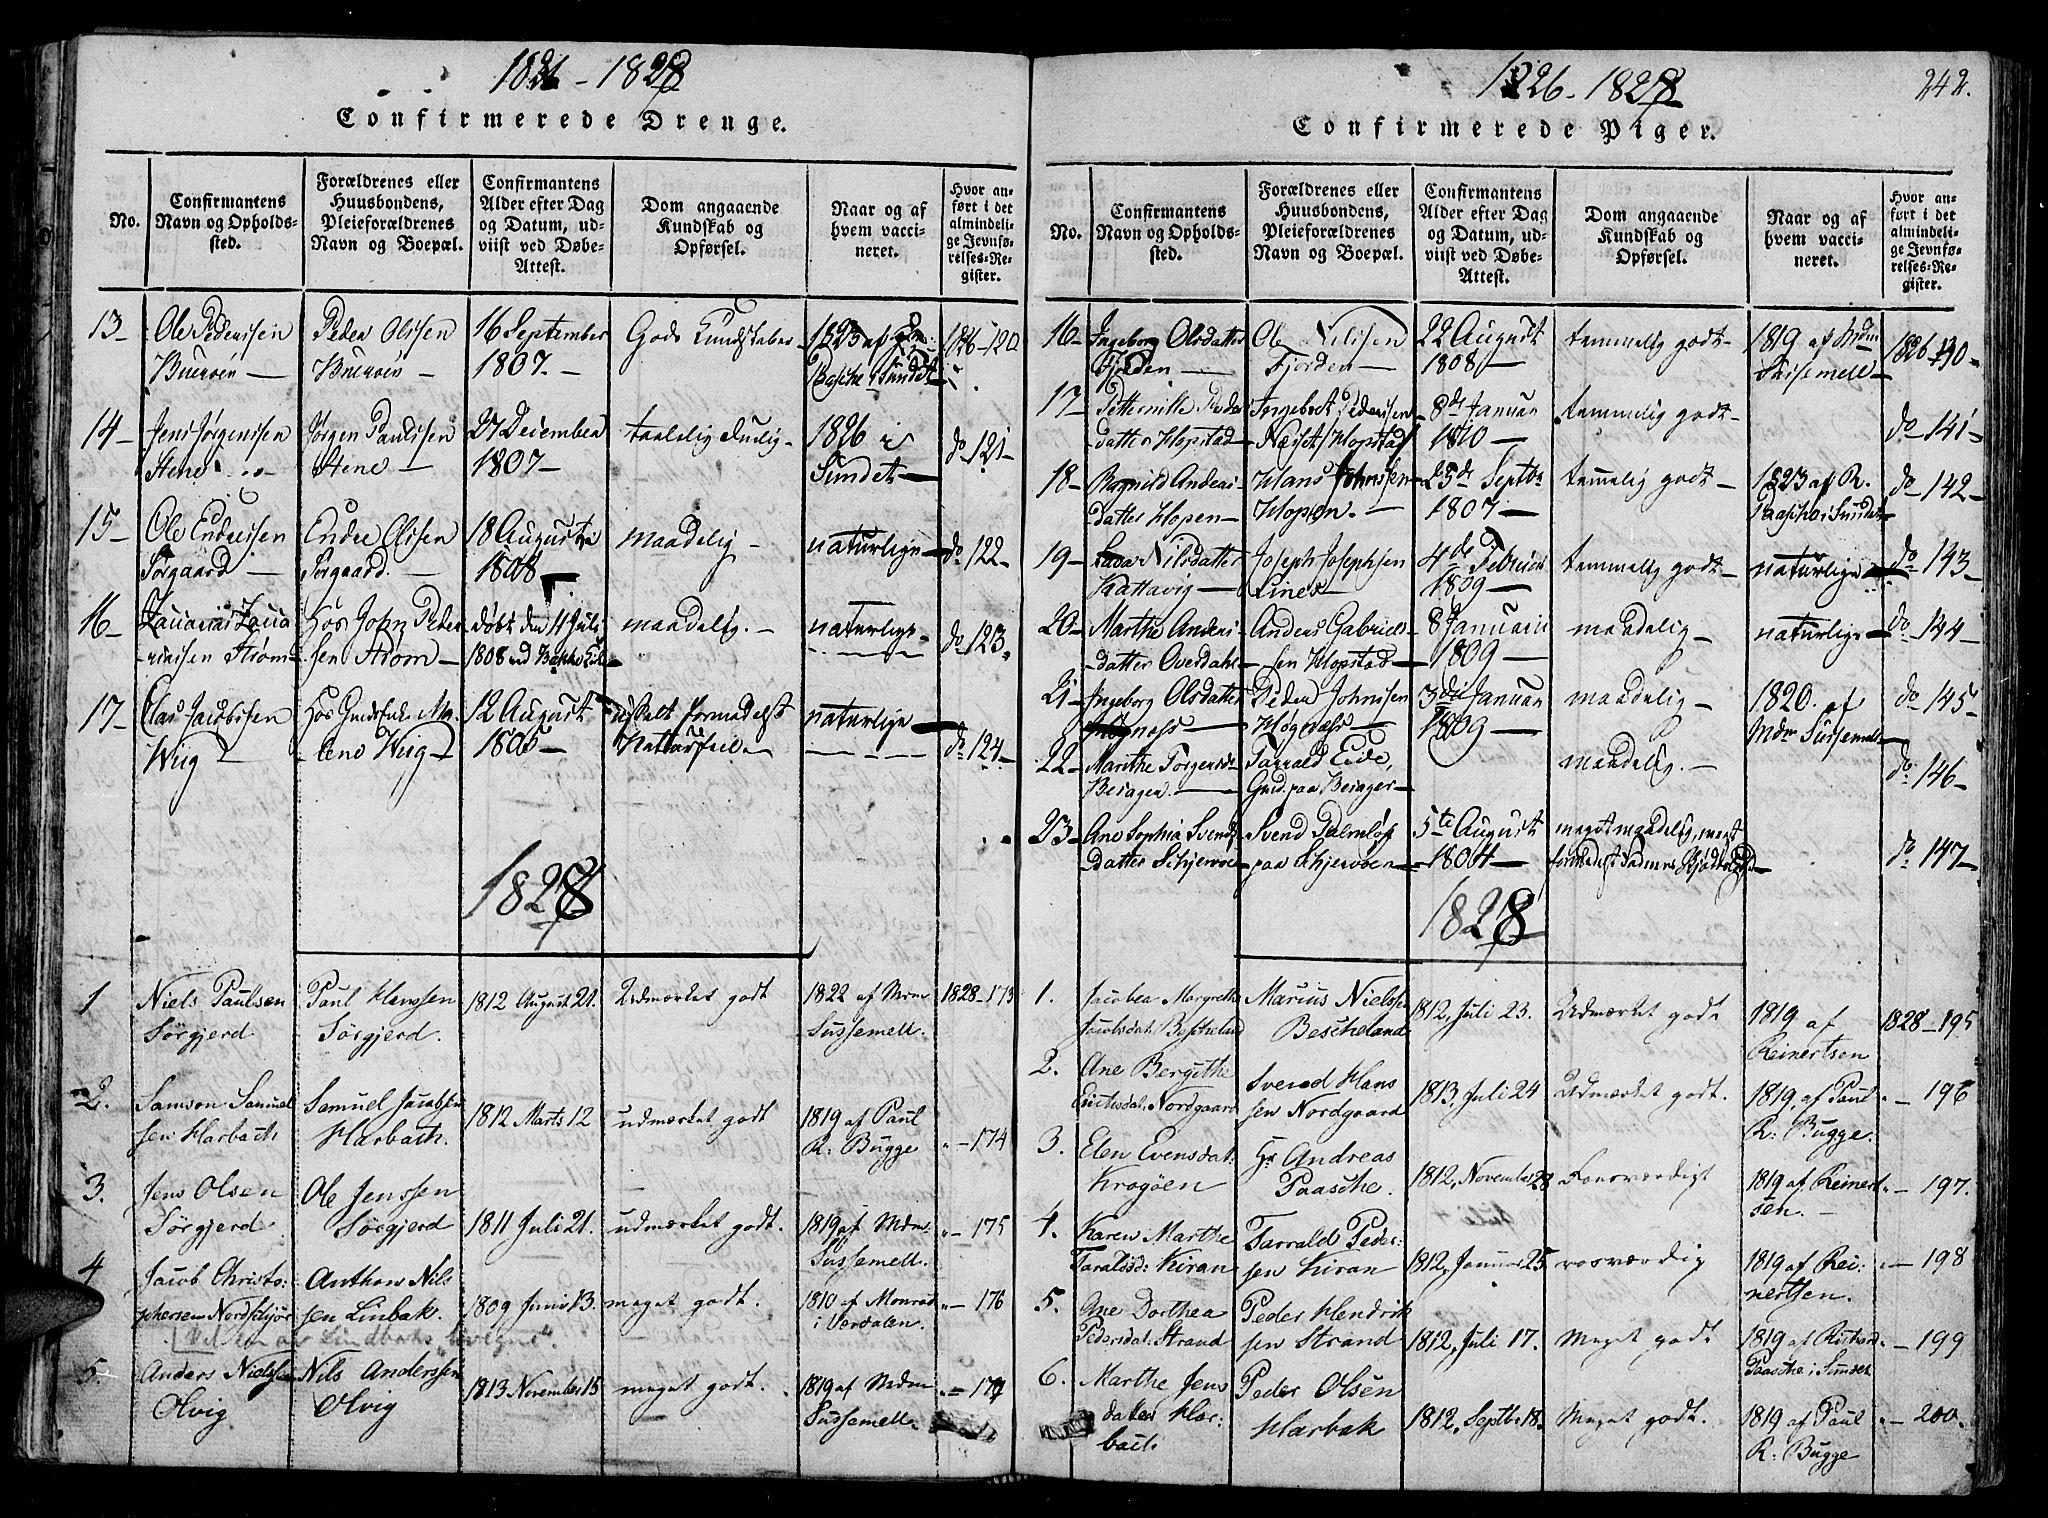 SAT, Ministerialprotokoller, klokkerbøker og fødselsregistre - Sør-Trøndelag, 657/L0702: Ministerialbok nr. 657A03, 1818-1831, s. 242